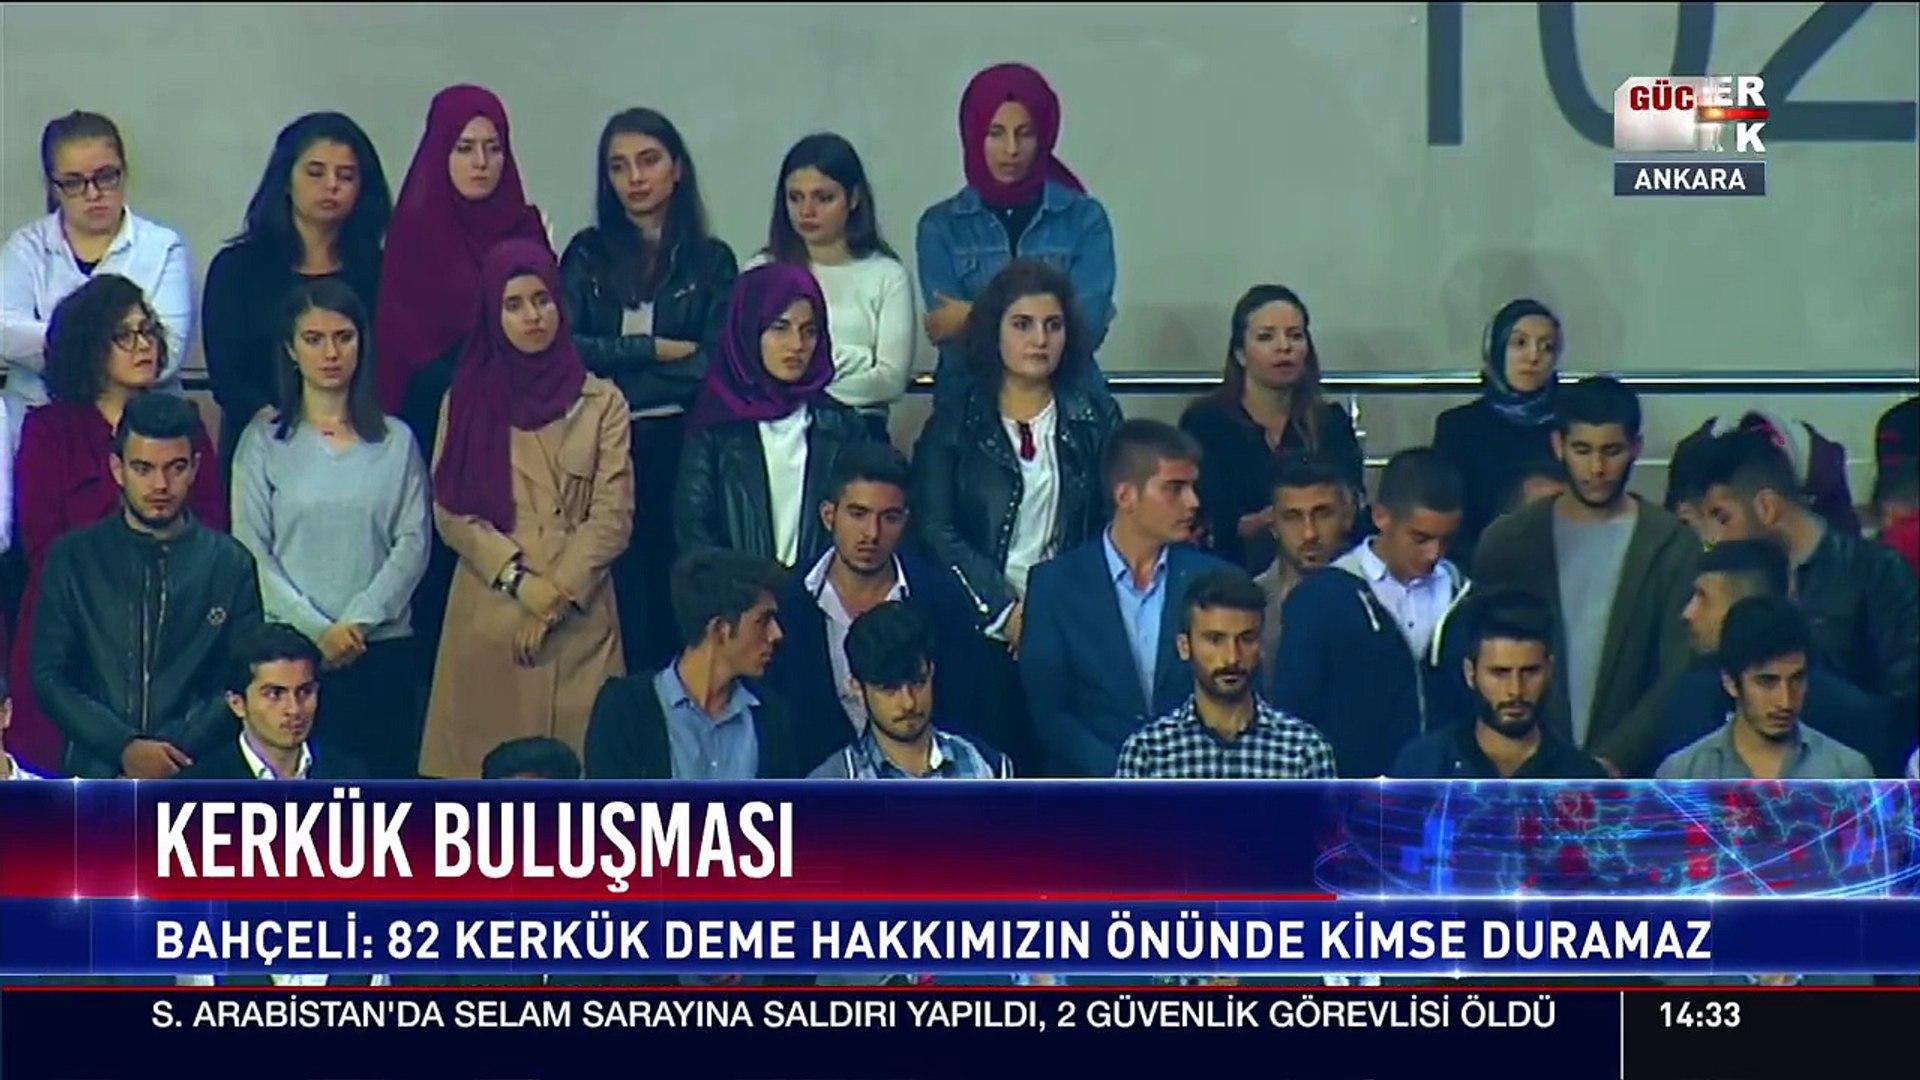 Devlet Bahçeli:  82 Kerkük, 83 Musul dedik,...